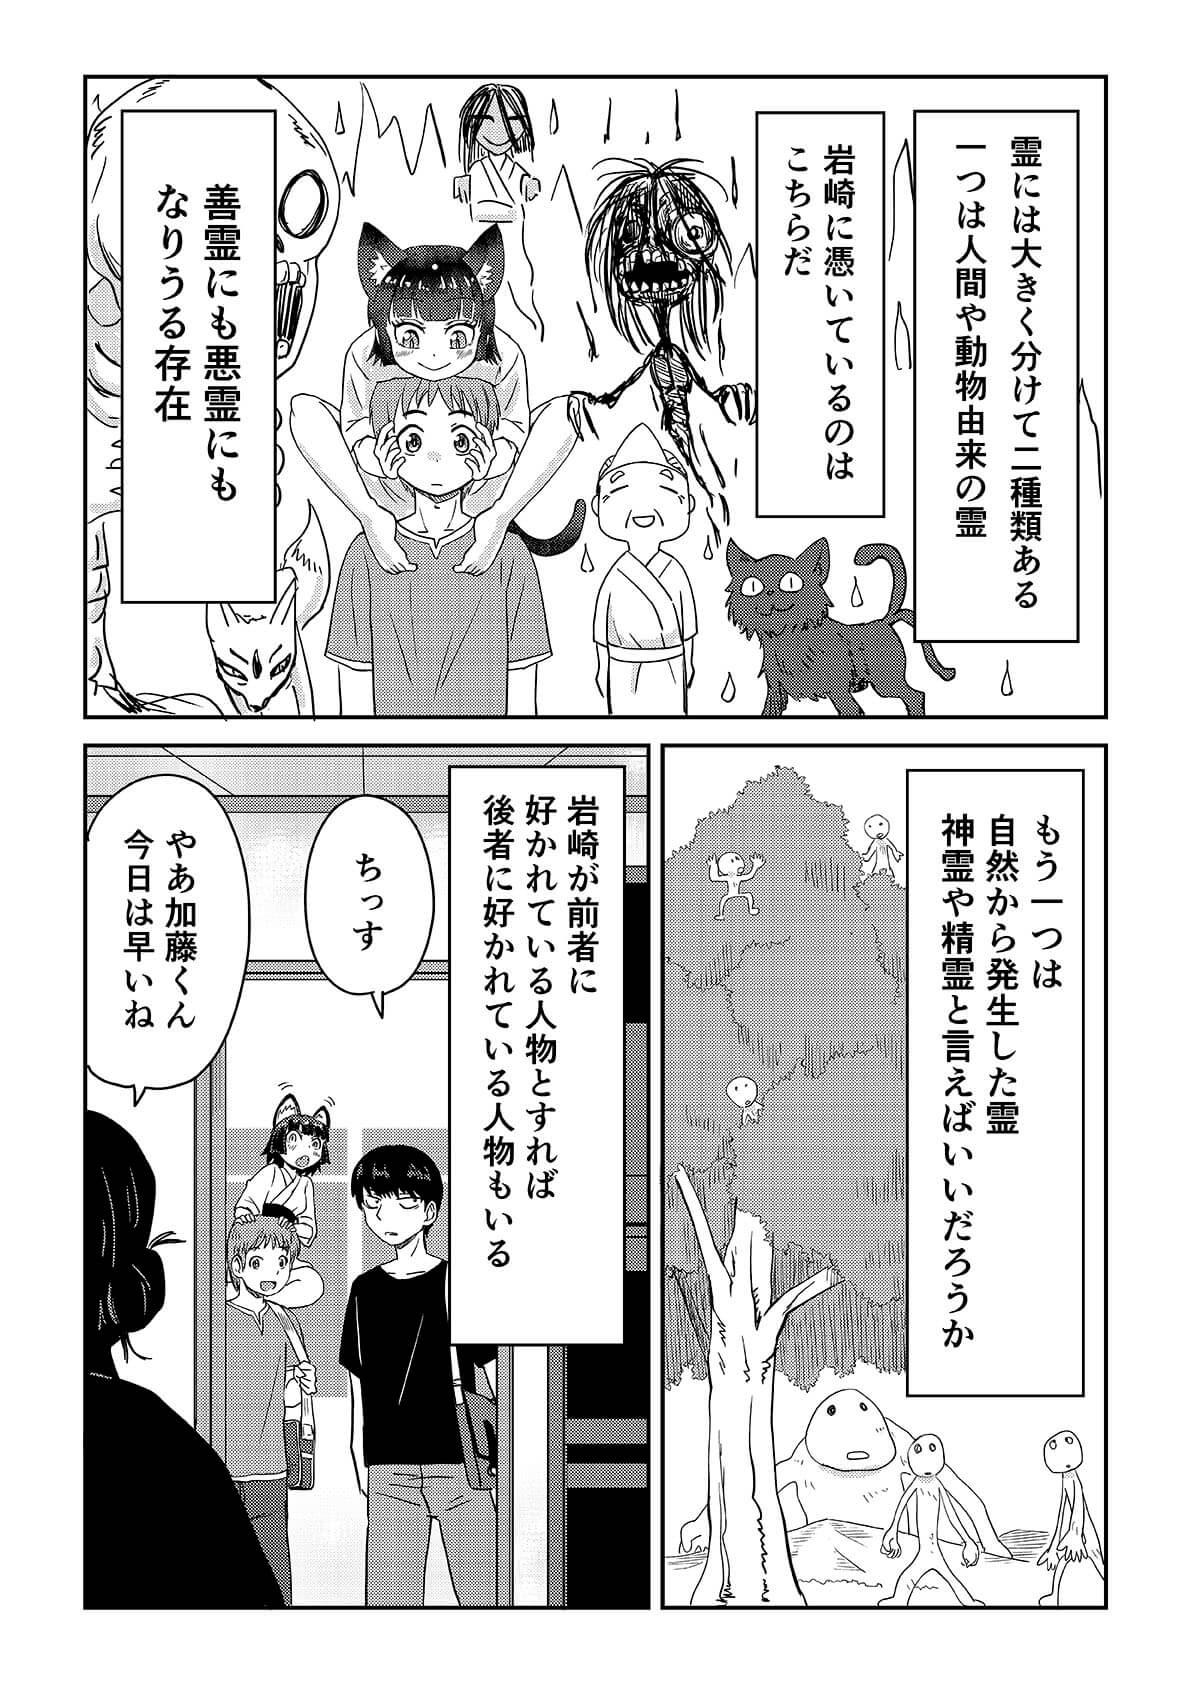 視える男と憑かれた男の漫画5-1